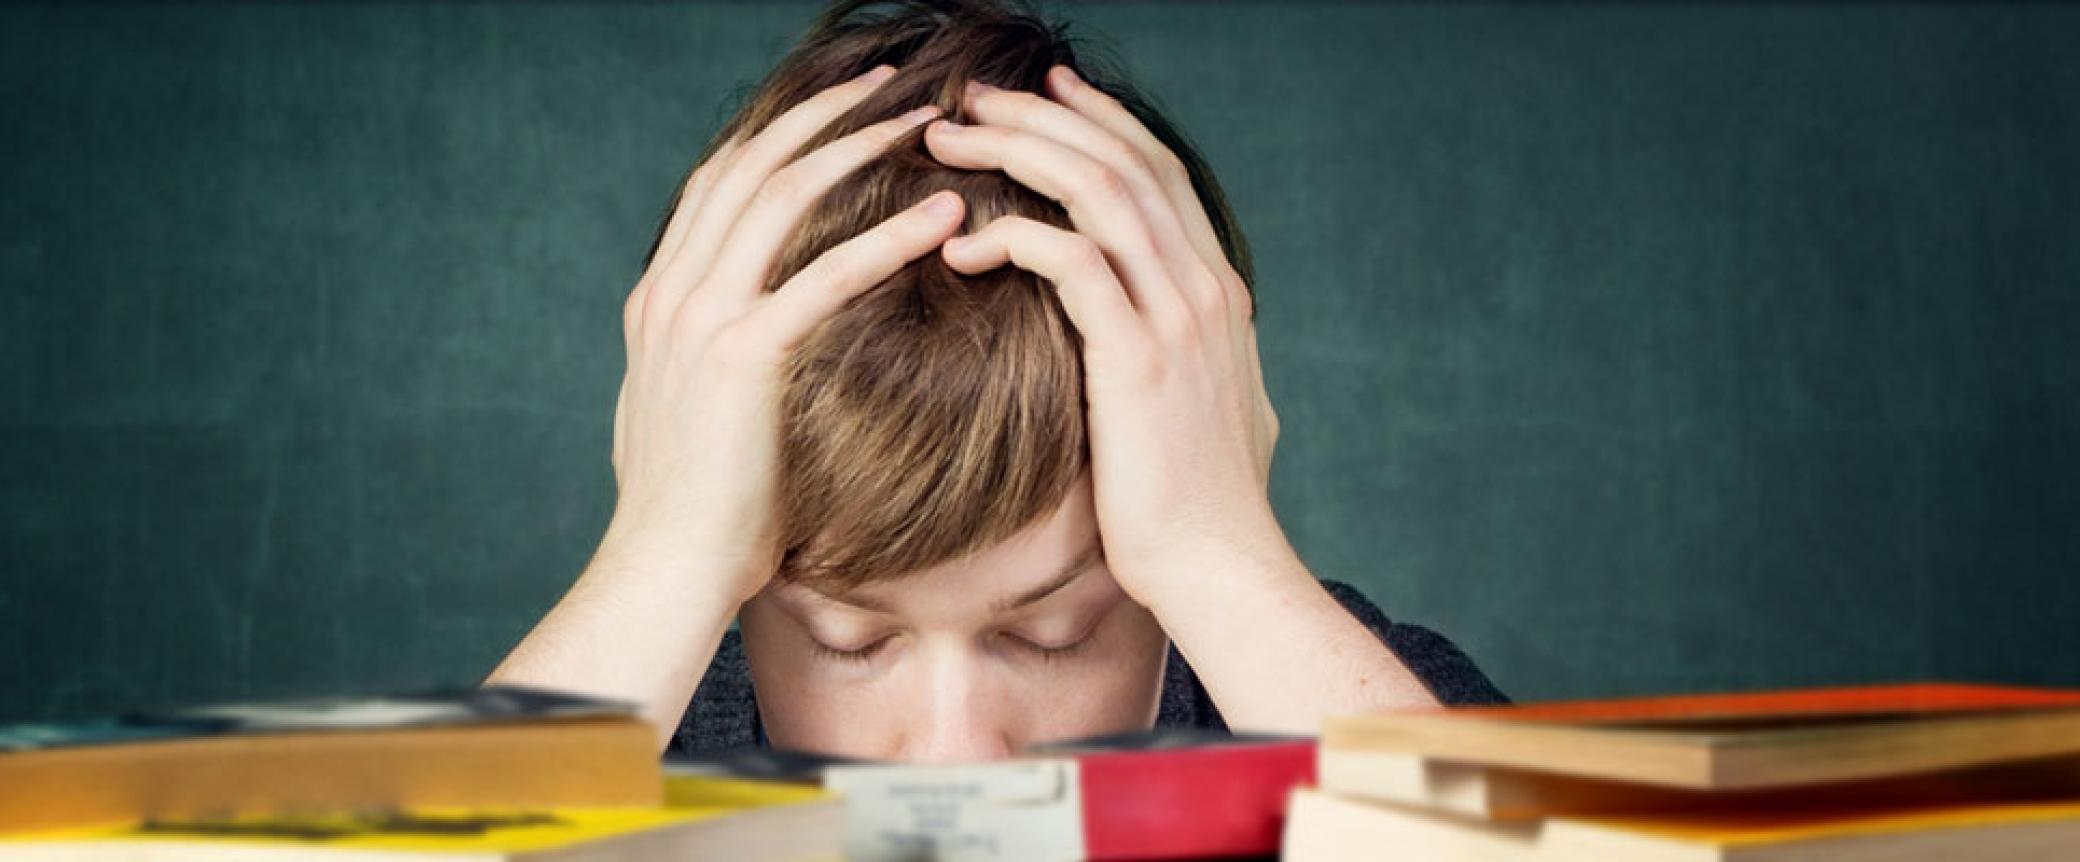 ребенок- подросток стресс воспитание